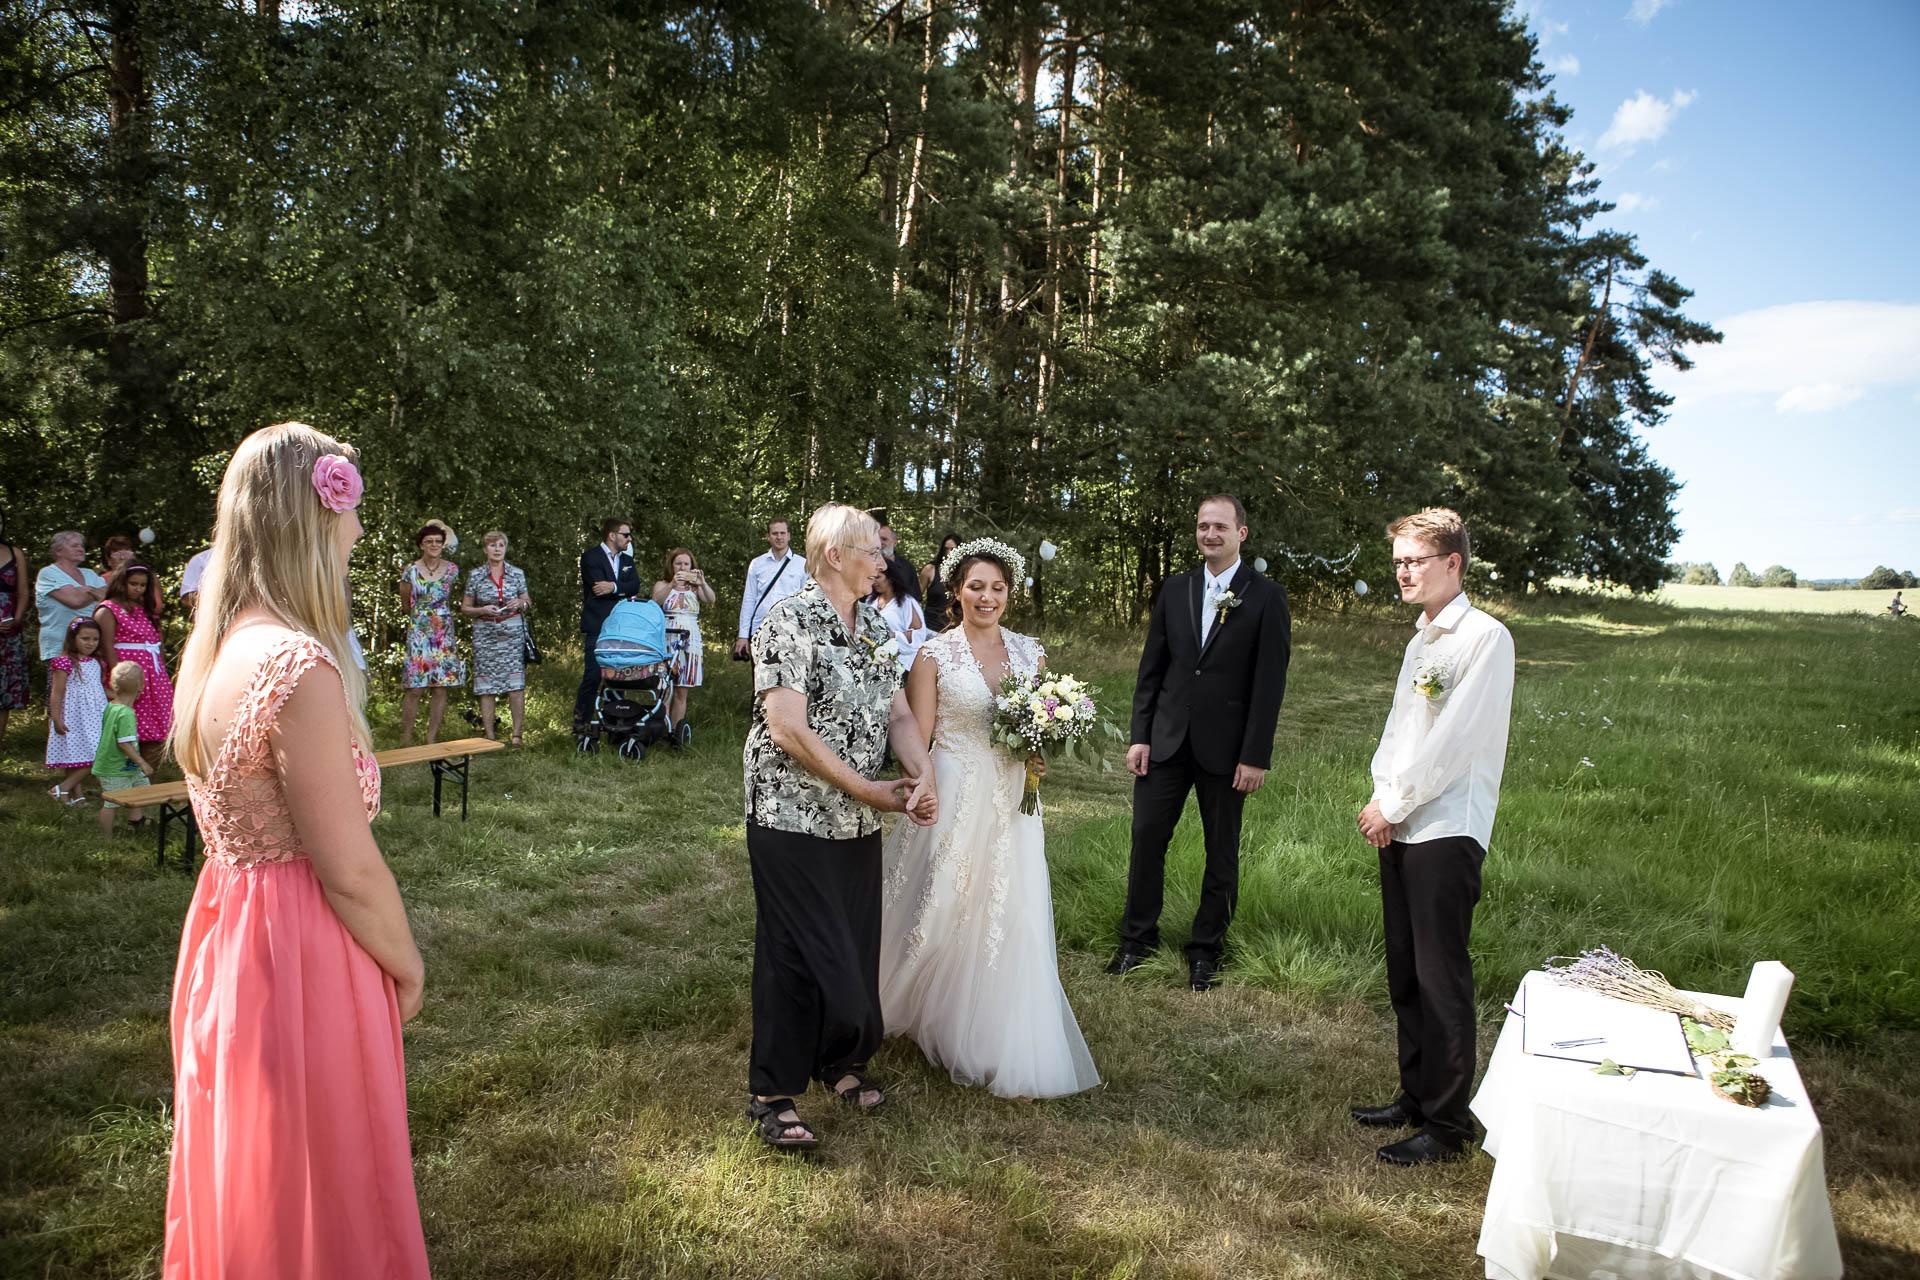 svatební fotograf boho svatba přírodní svatba-11